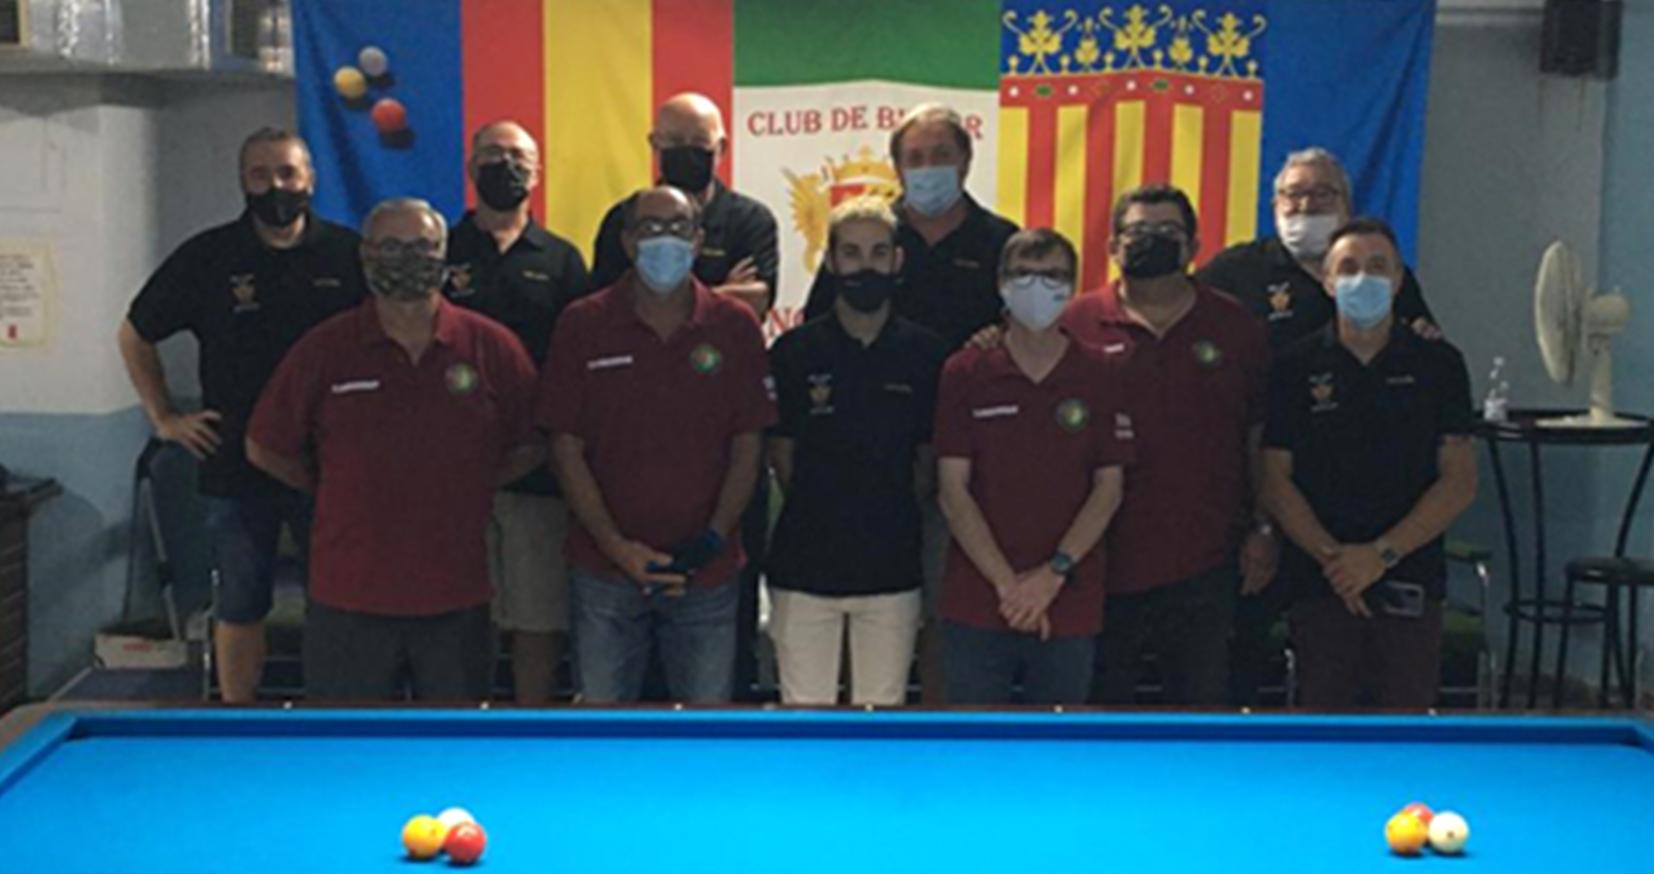 El Club Billar Novelda estrena nueva equipación y prepara el inicio de la temporada